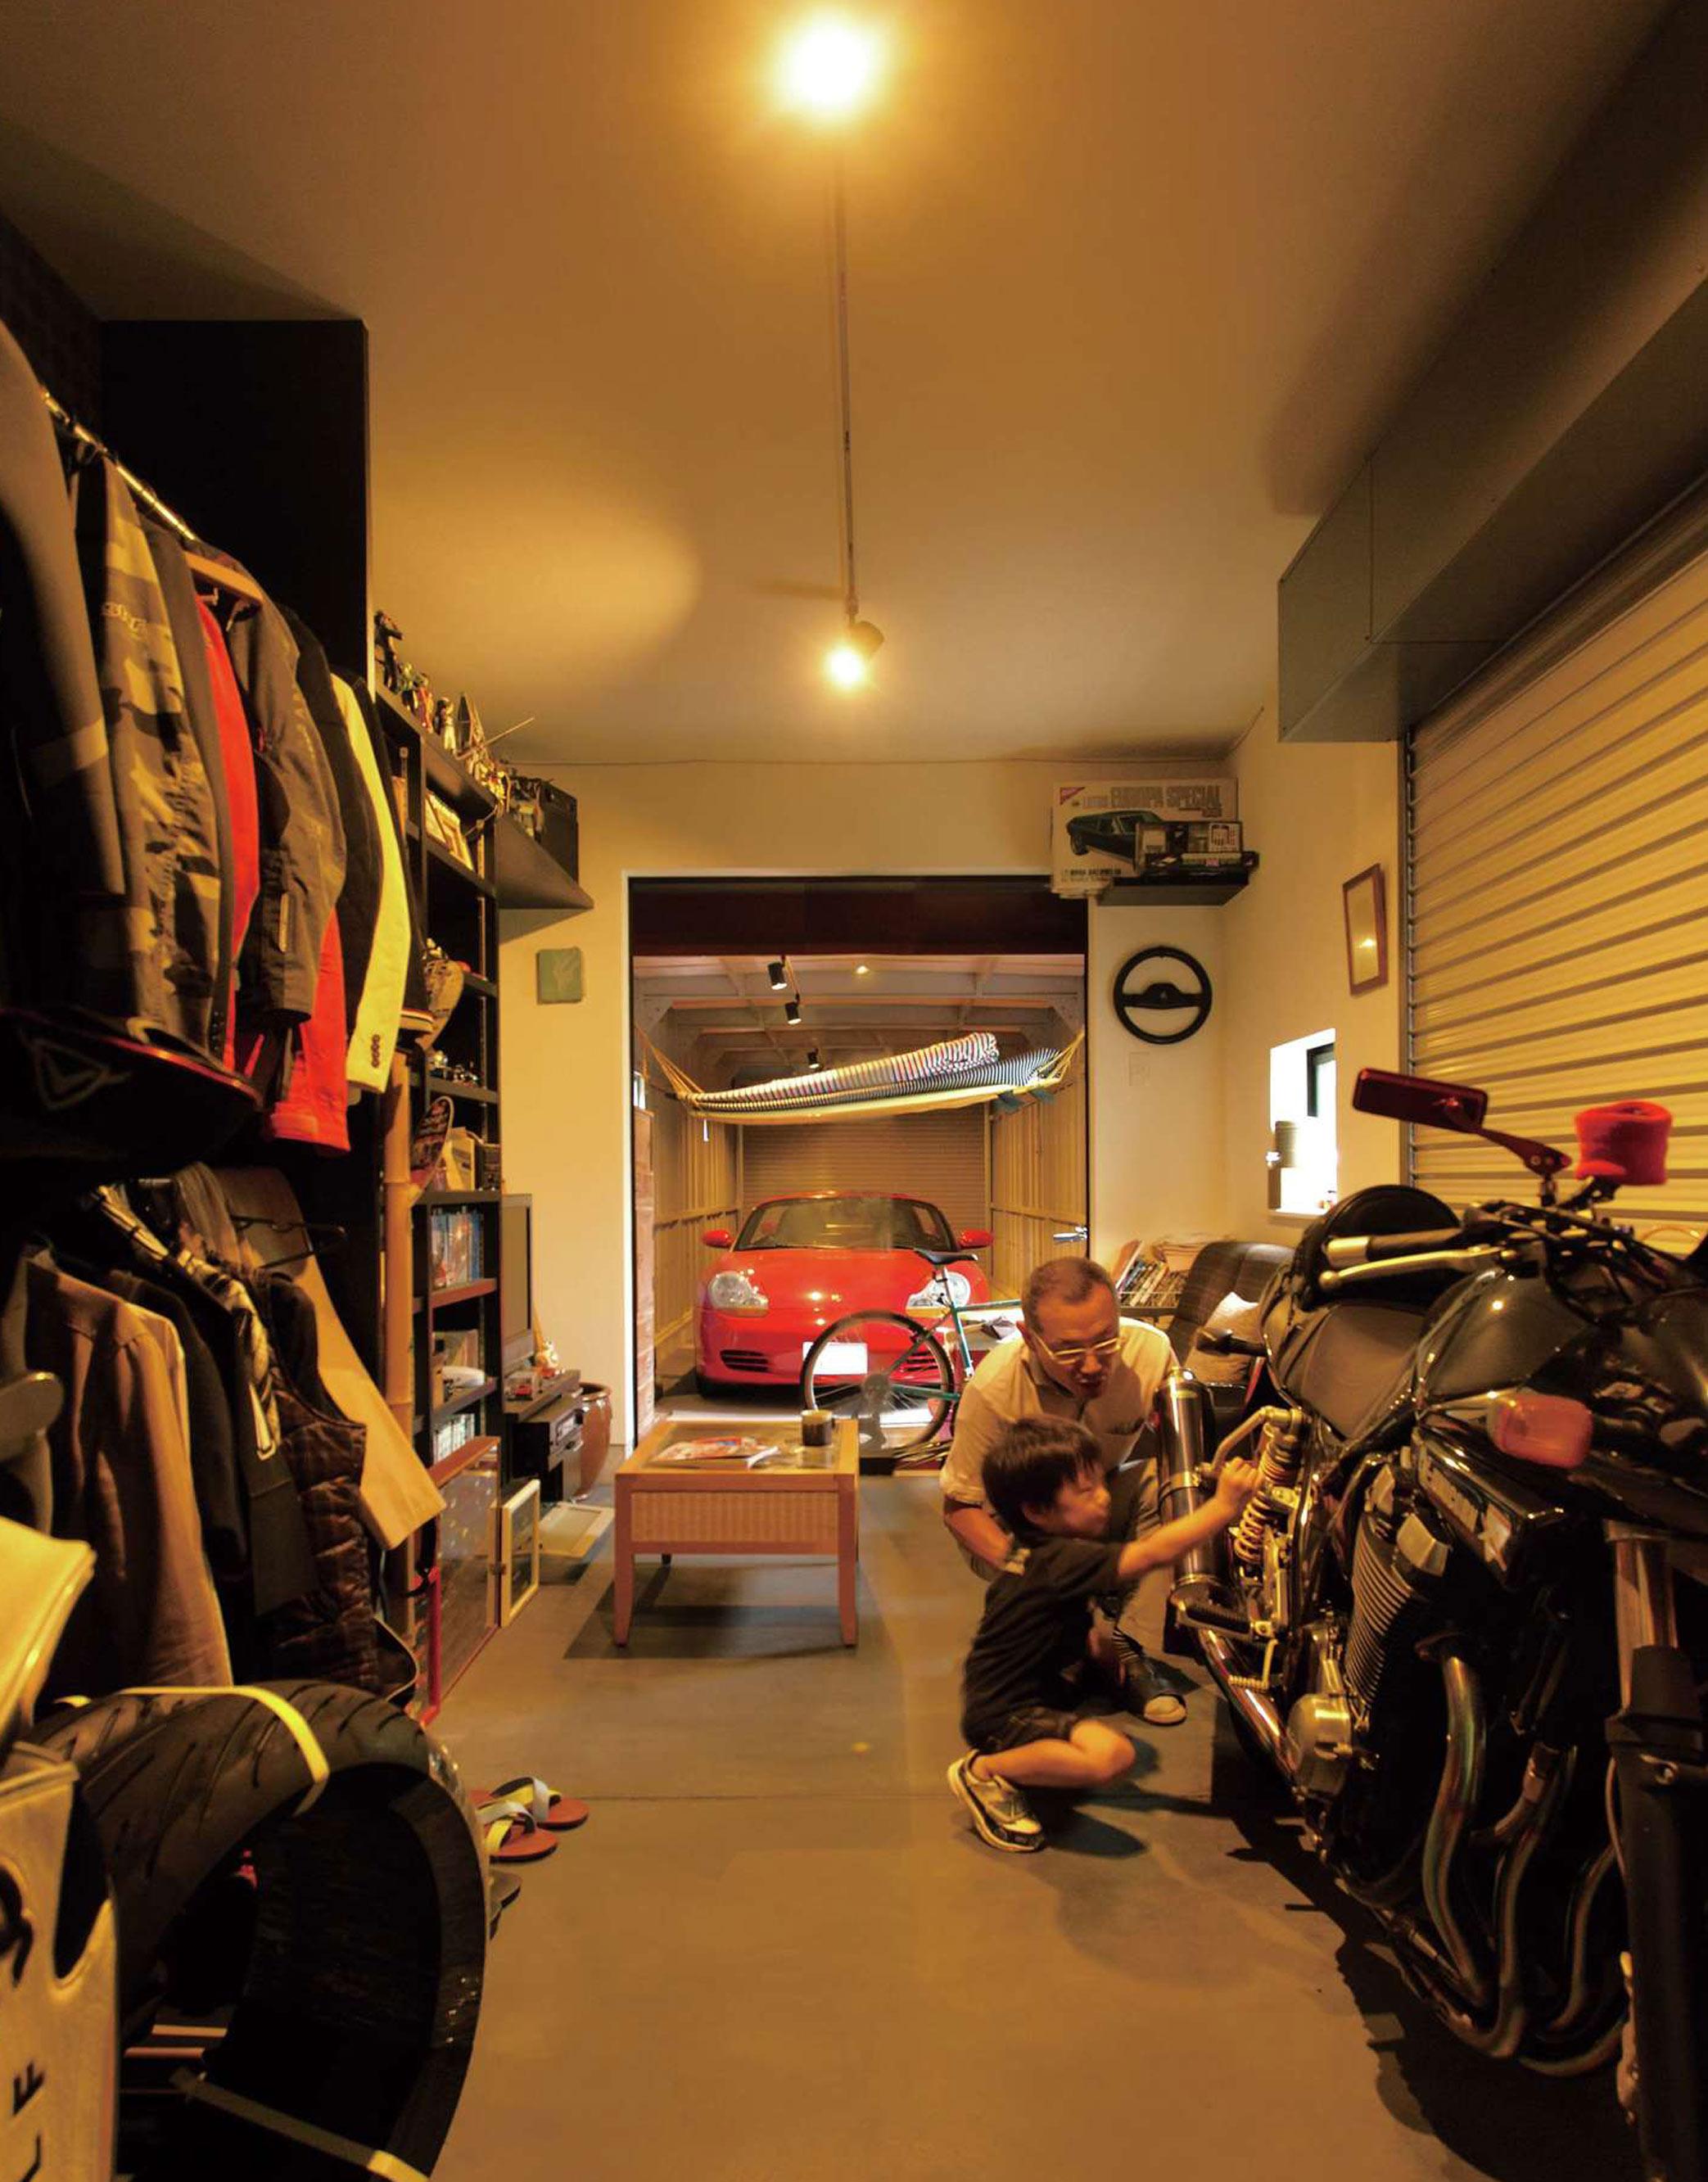 建築家の感性と経験値から生まれた 変形地とは思えないガレージハウス